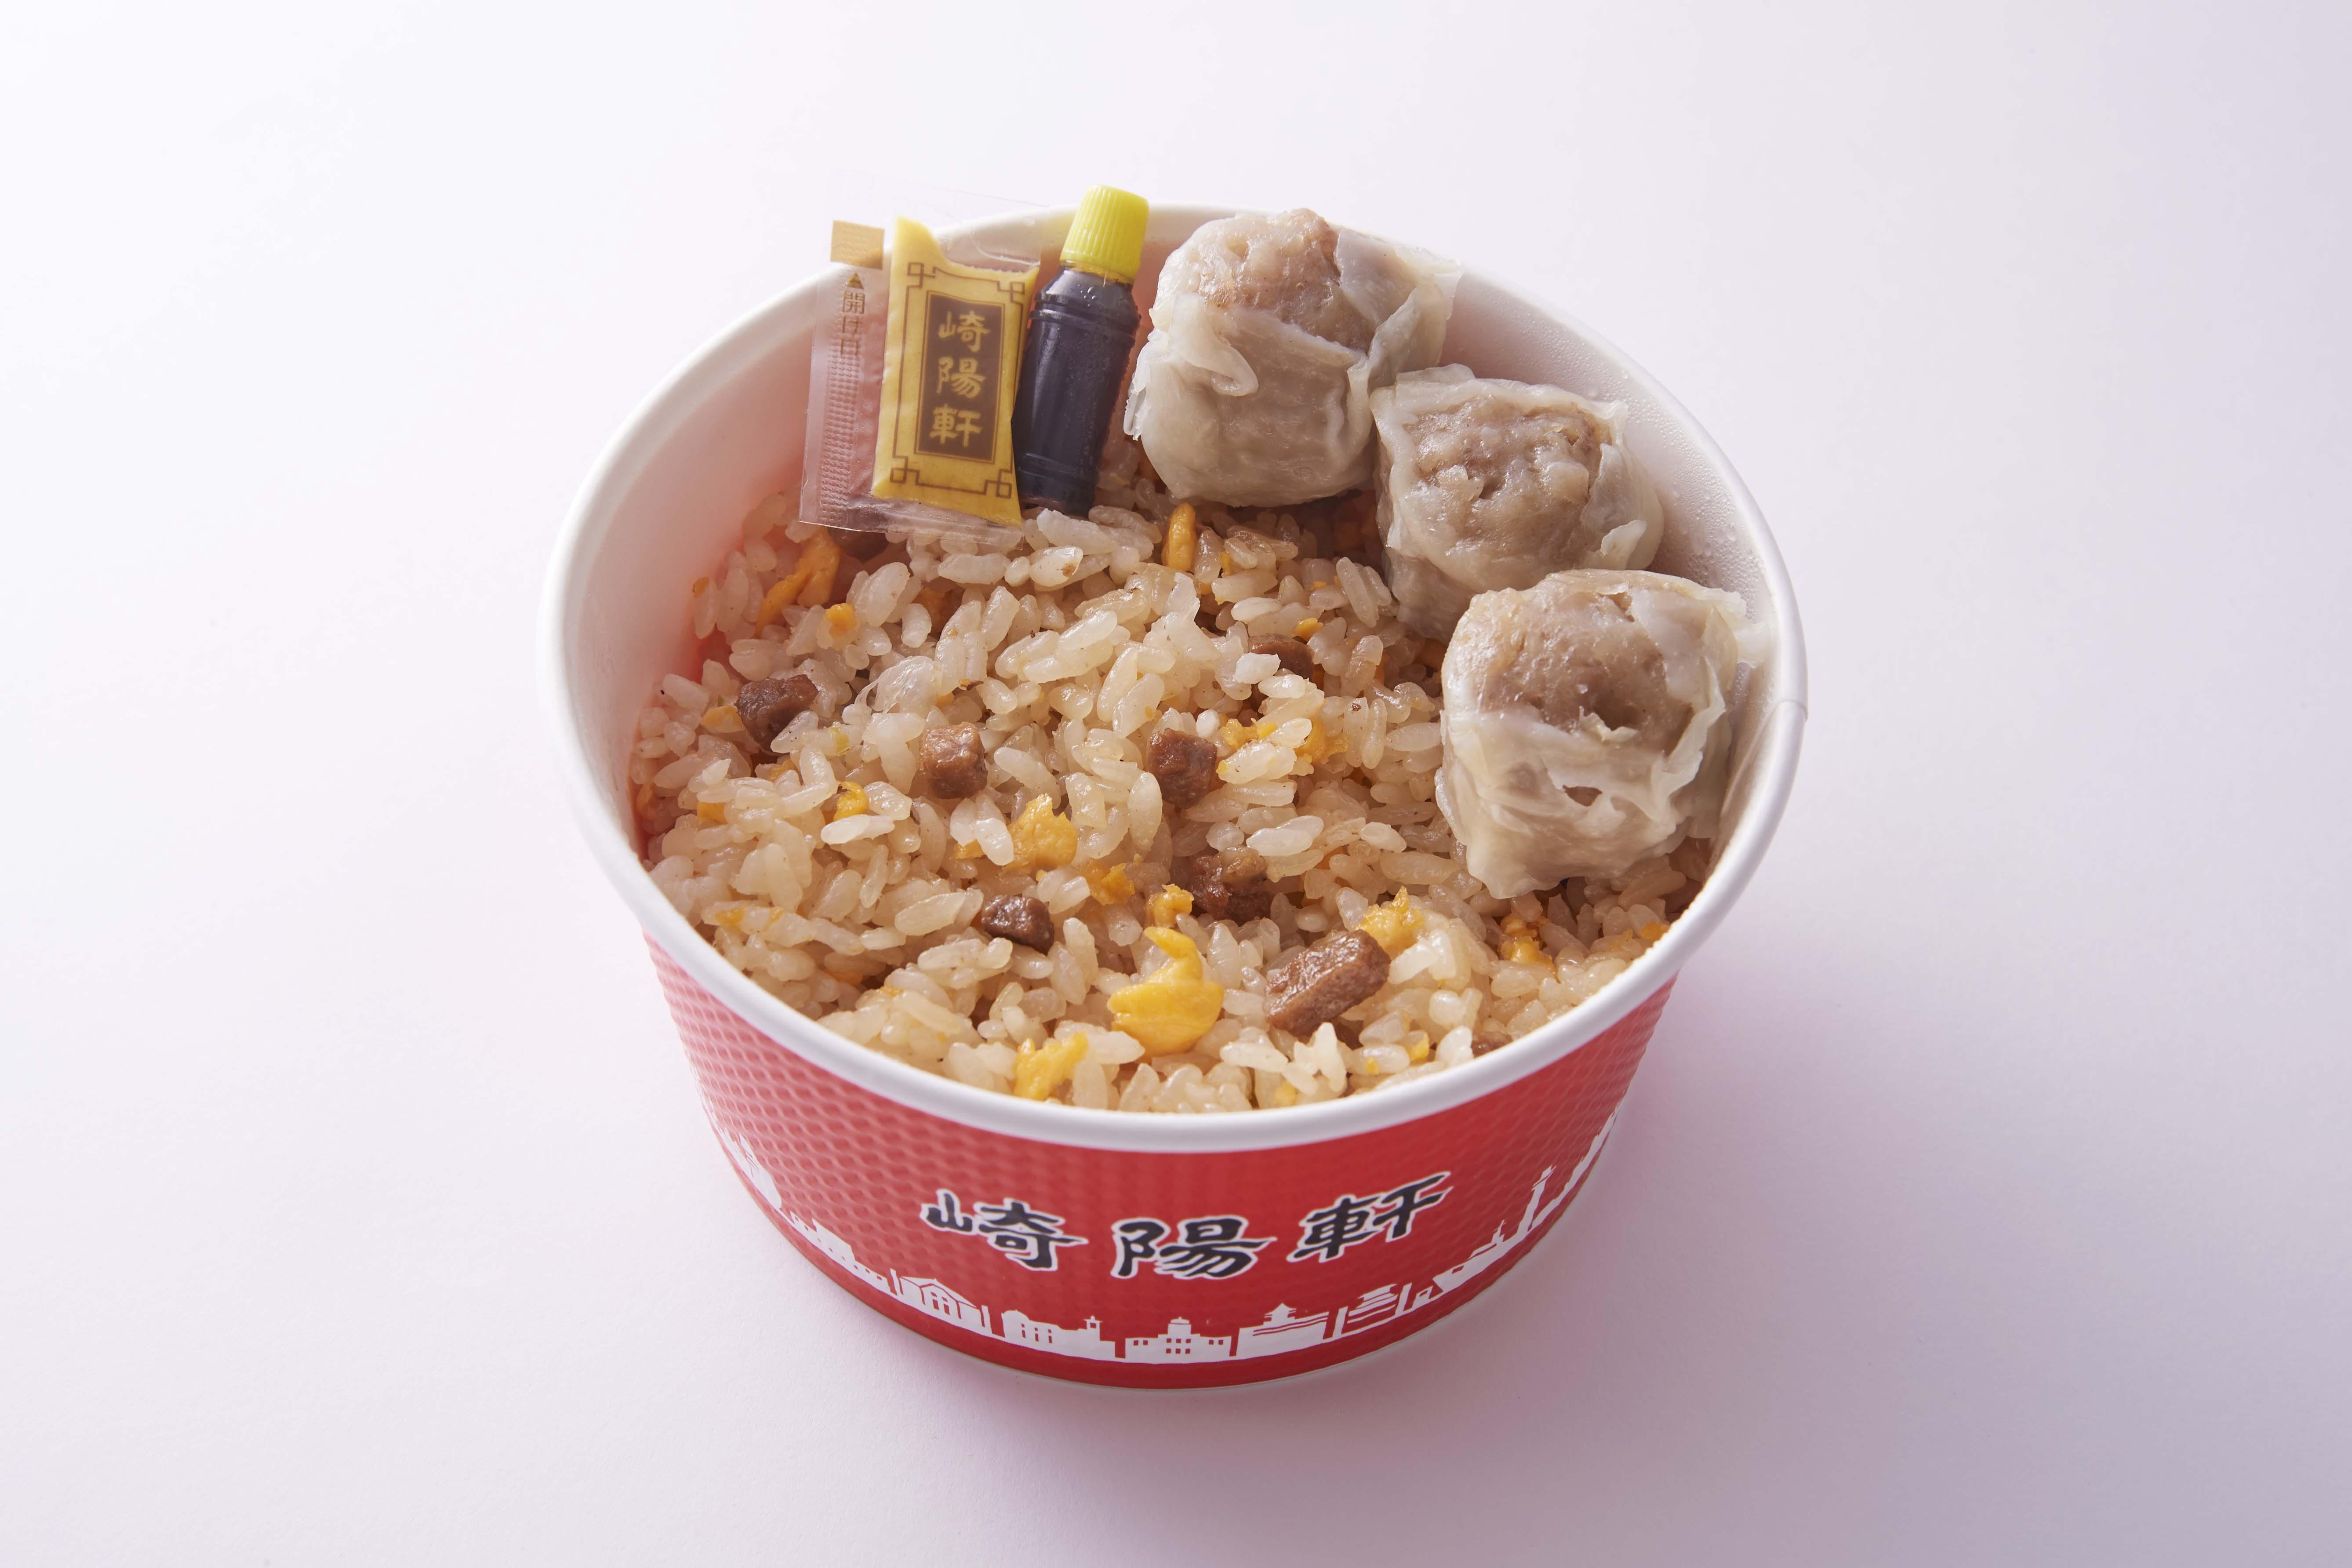 Foods & Shop - Item - シウマイチャーハン